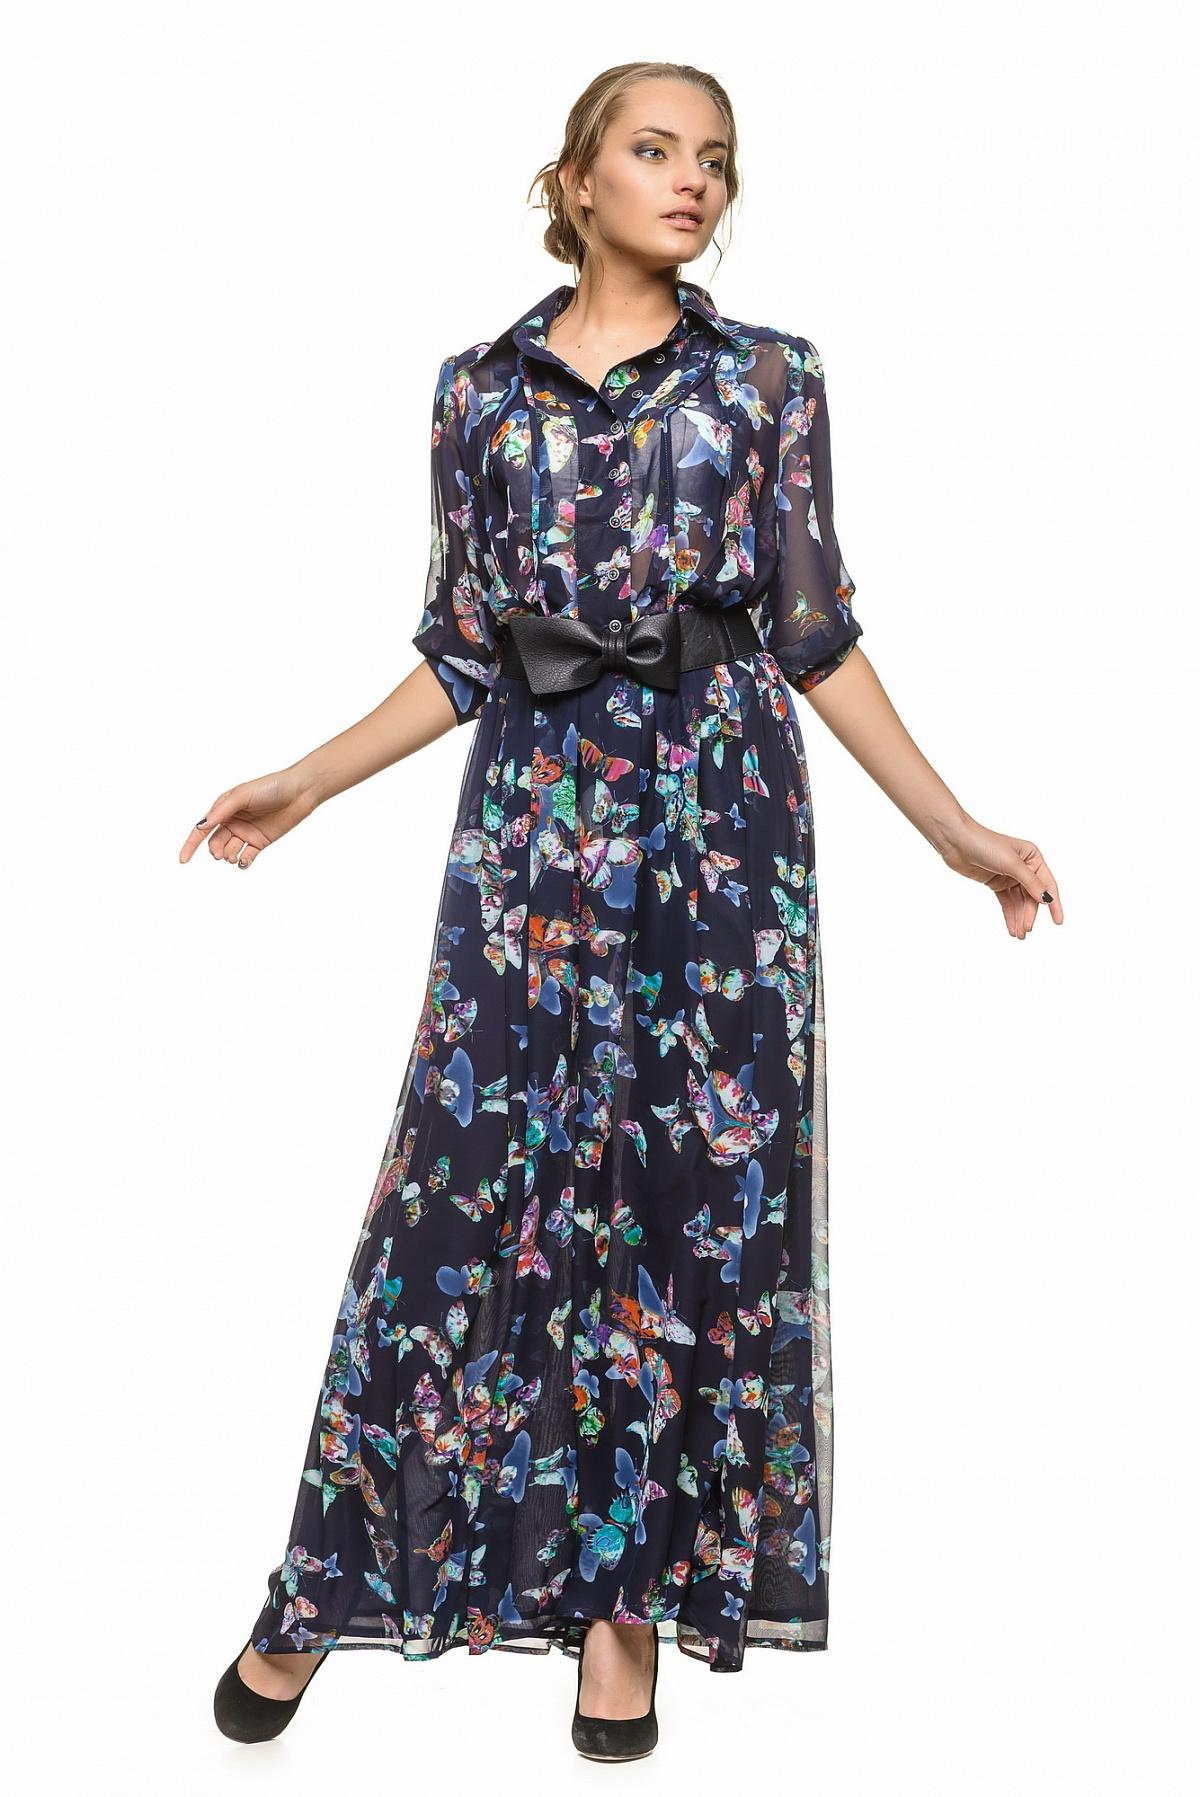 2c1401081d7 Длинное платье-рубашка с поясом RM118-13DD-платье